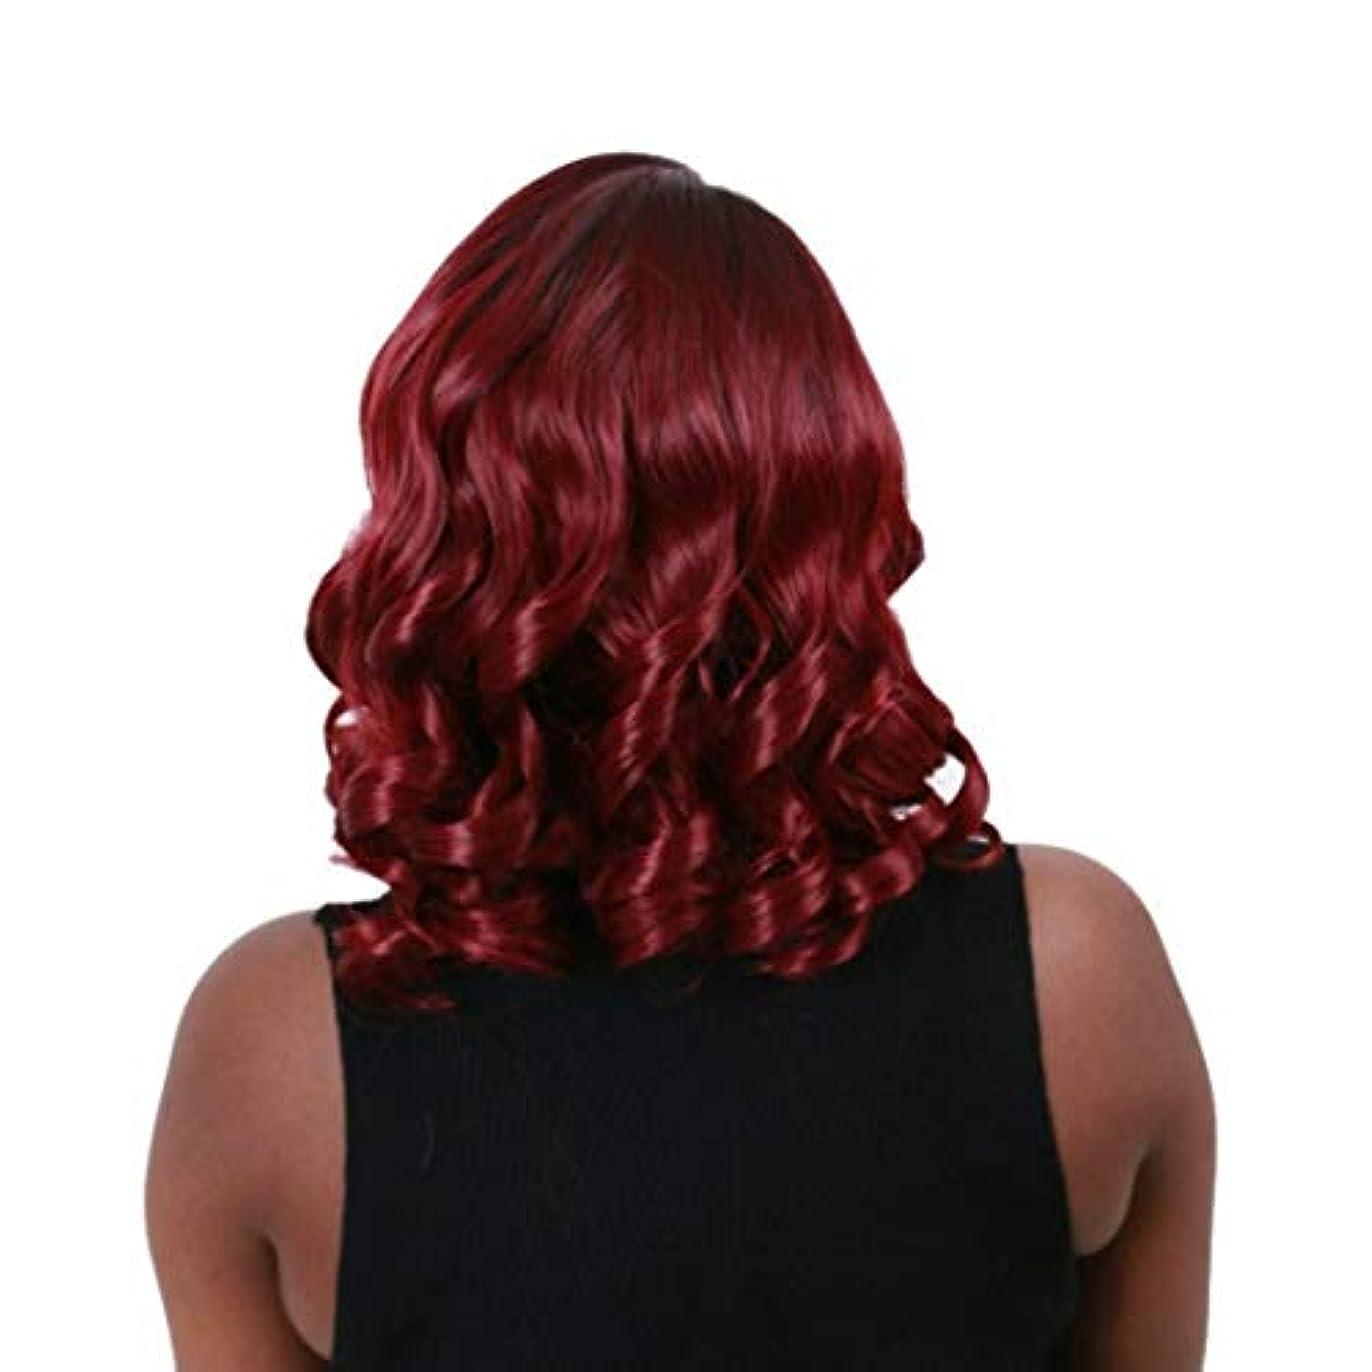 もプロテスタント怒っているSummerys かつら女性のための傾斜前髪ショートカーリーヘアーワインレッド高温シルクウィッグ